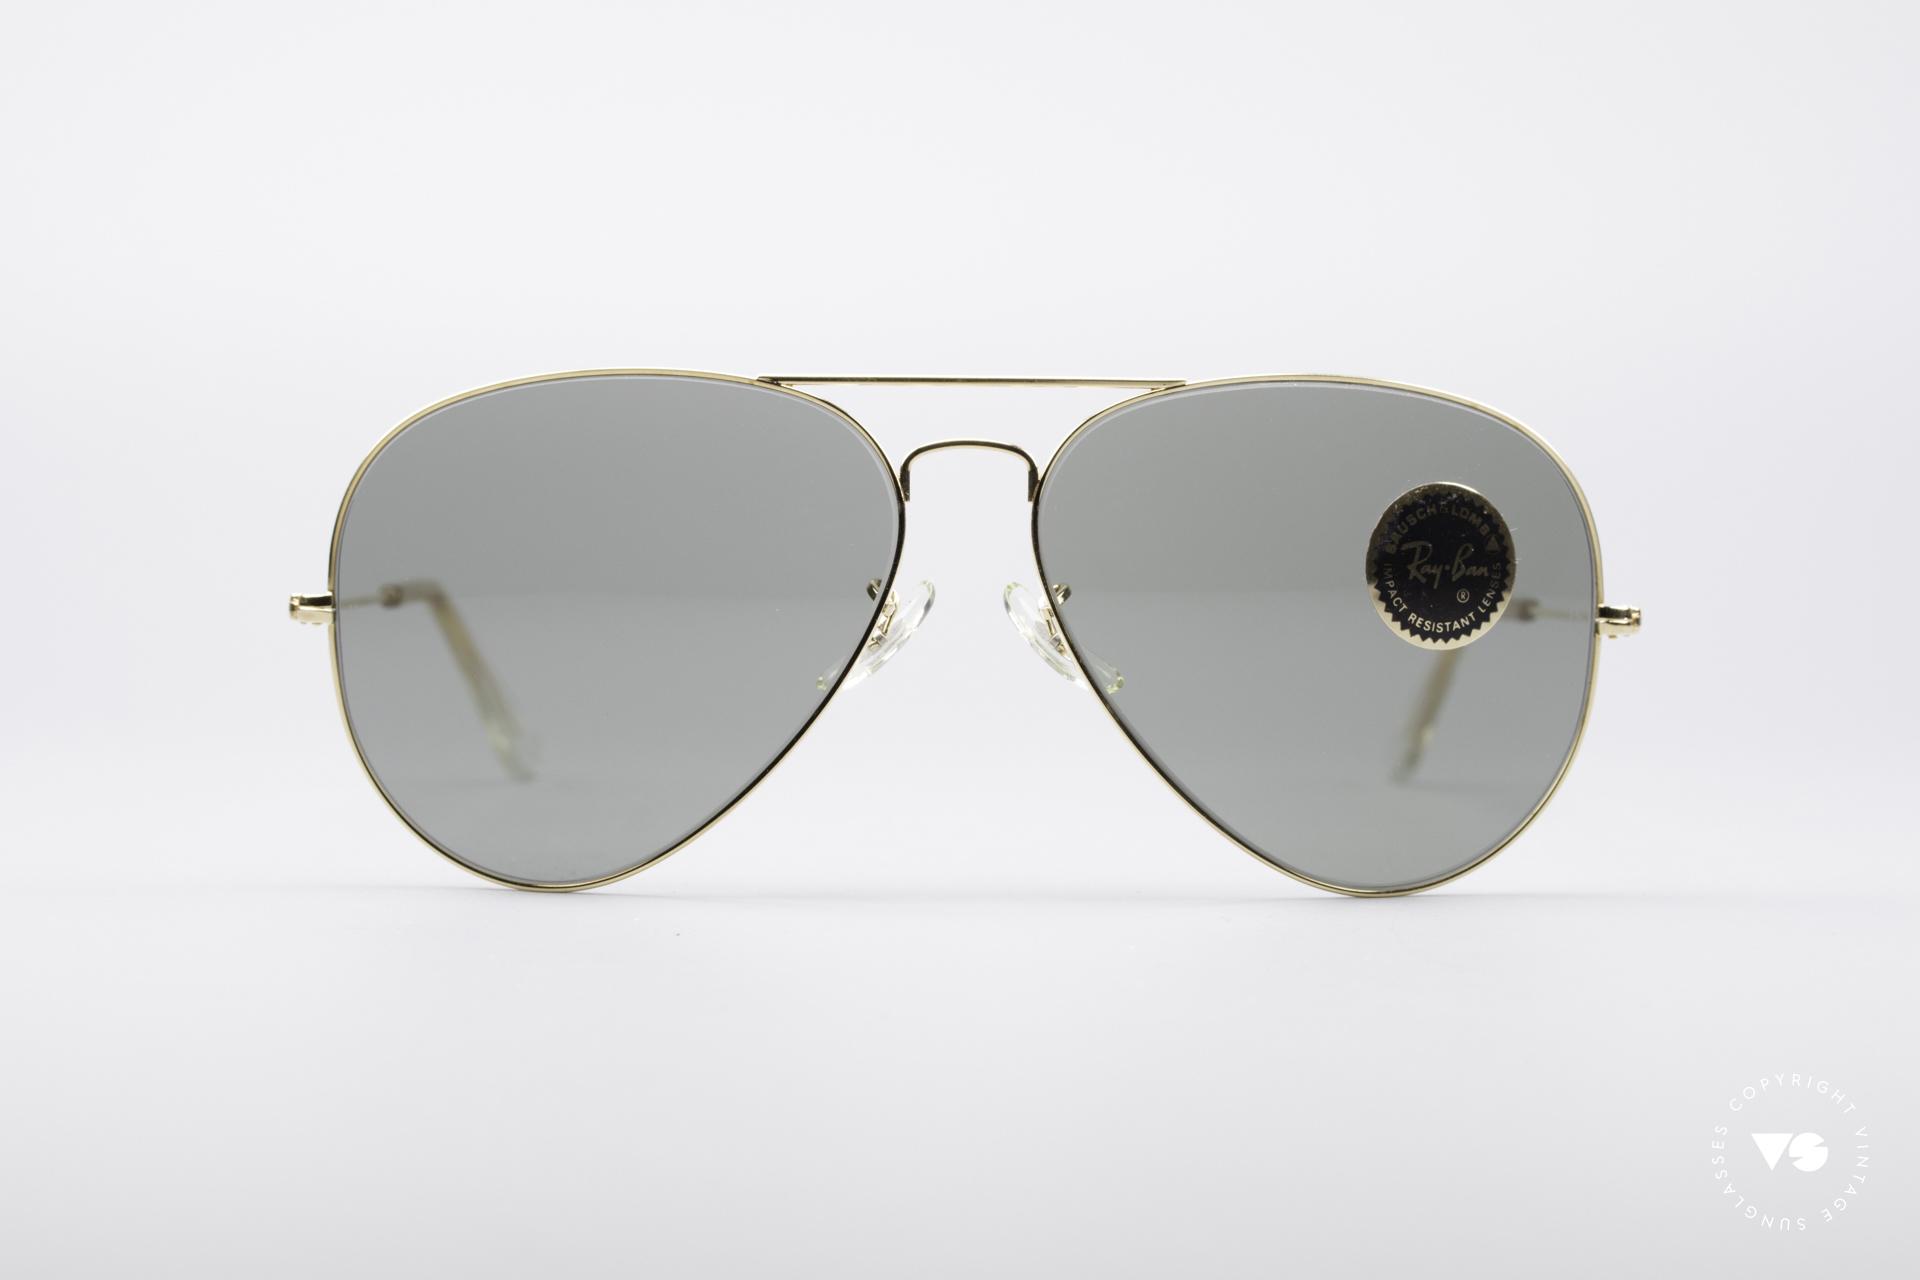 2dd4f0a0f0e Ray Ban Terminator 2 Sunglasses « One More Soul